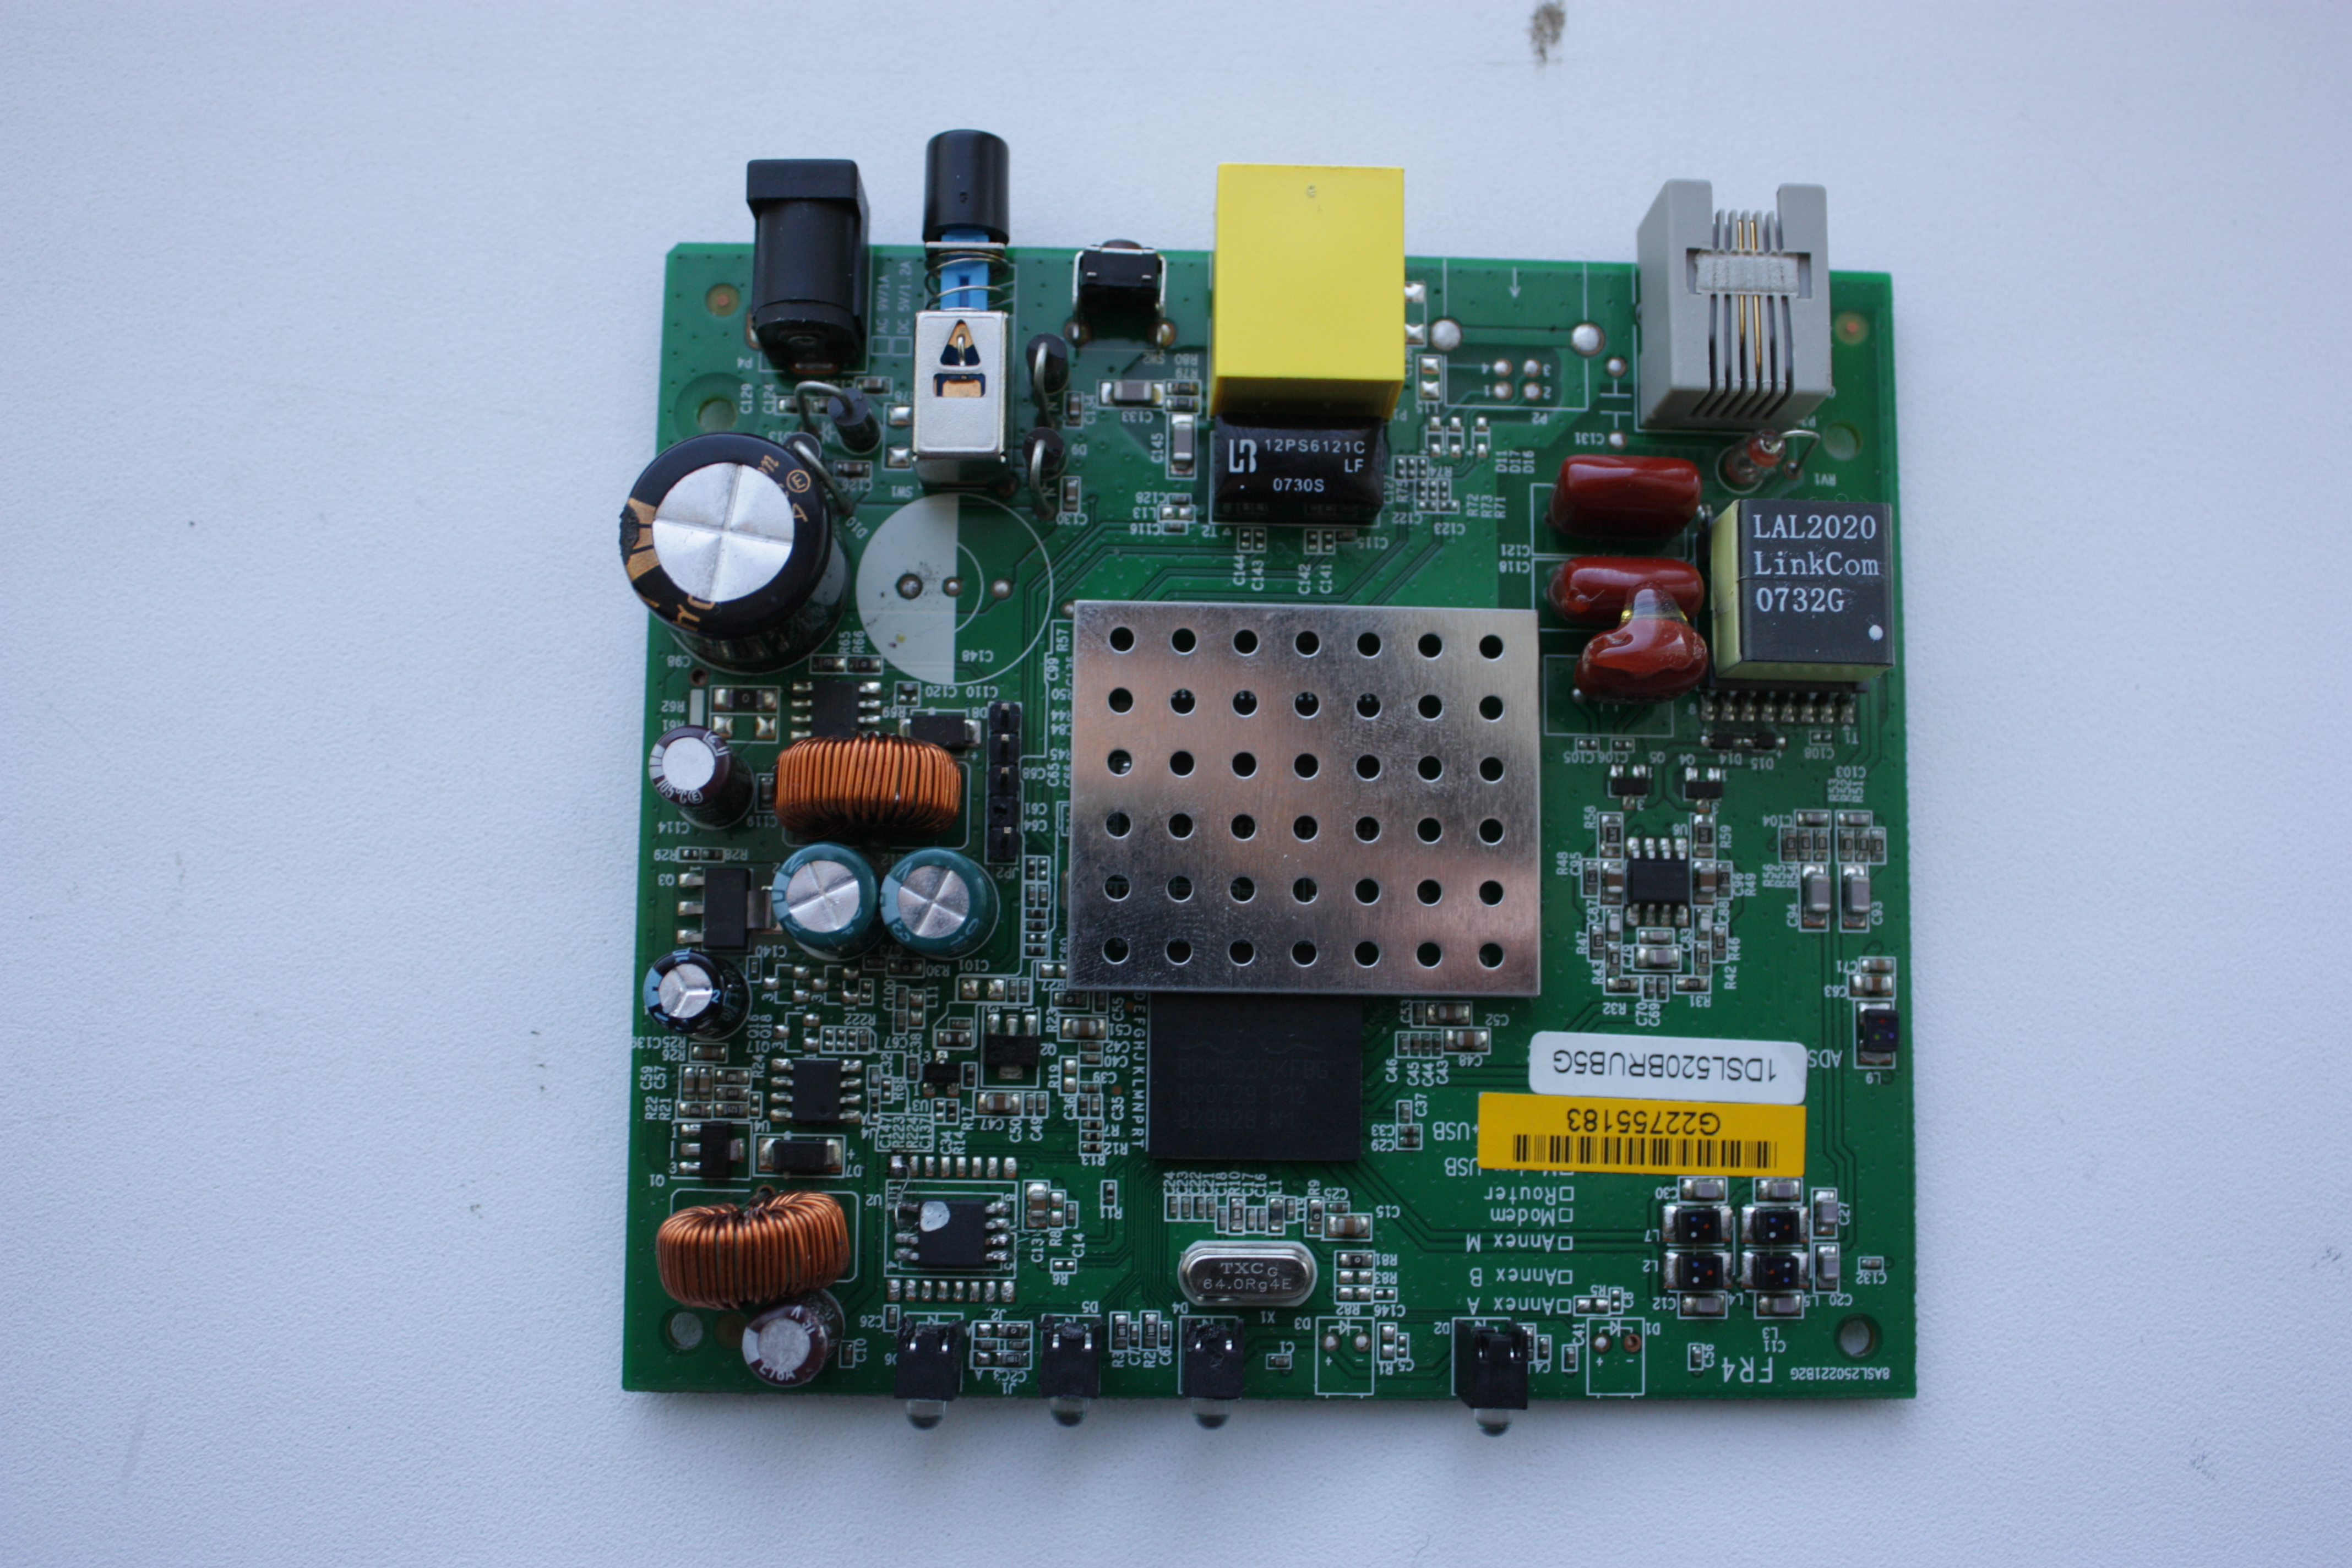 Процессор BroadCom ( BCM6332KFBG ) - 240Mhz.  Кишки модема смотрим здесь.